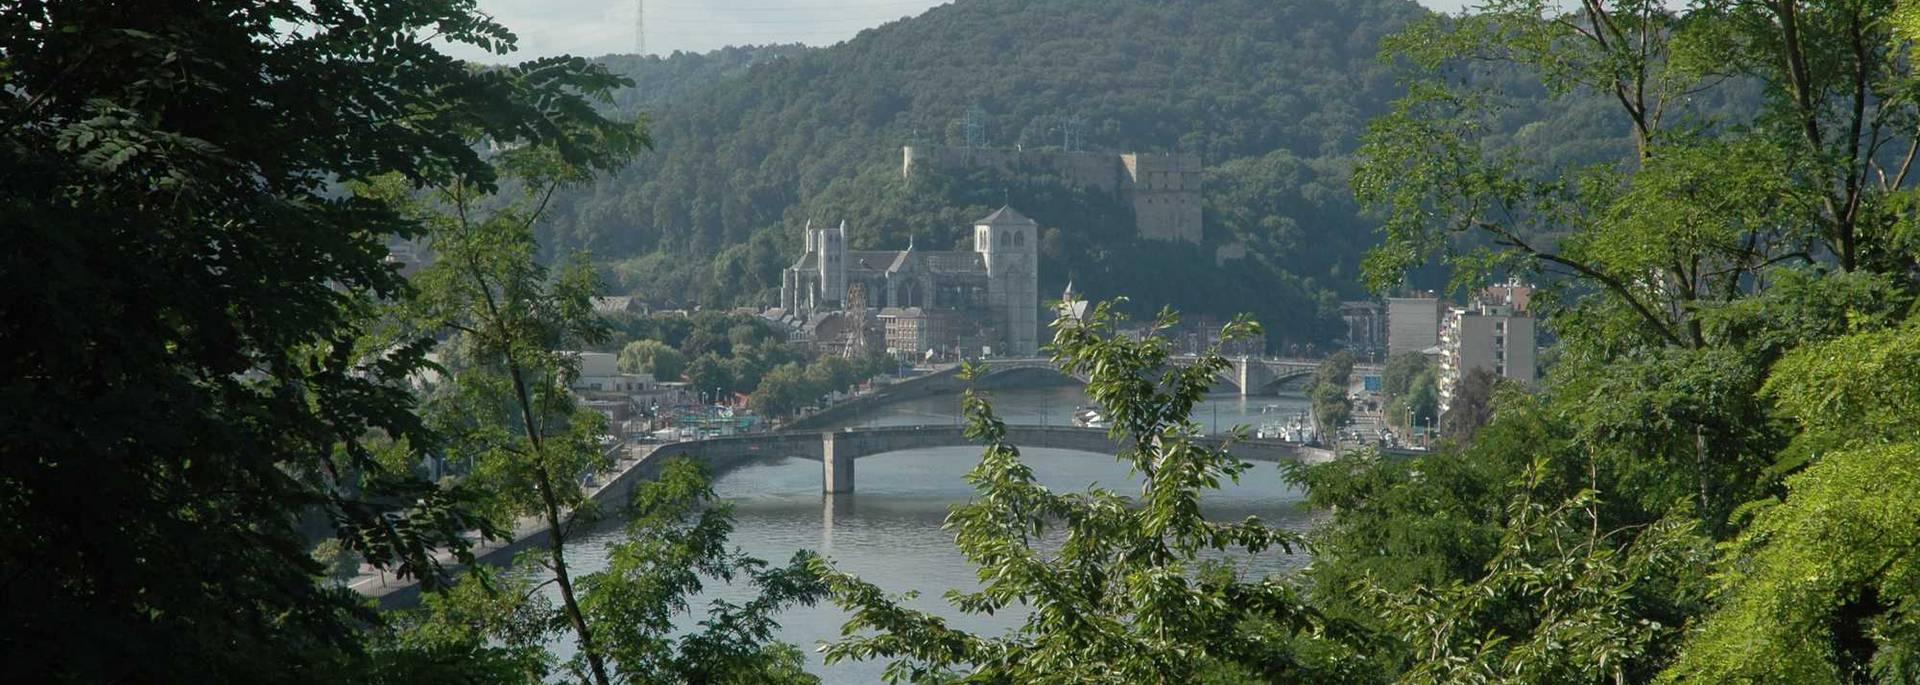 Panoramique sur la ville de Huy